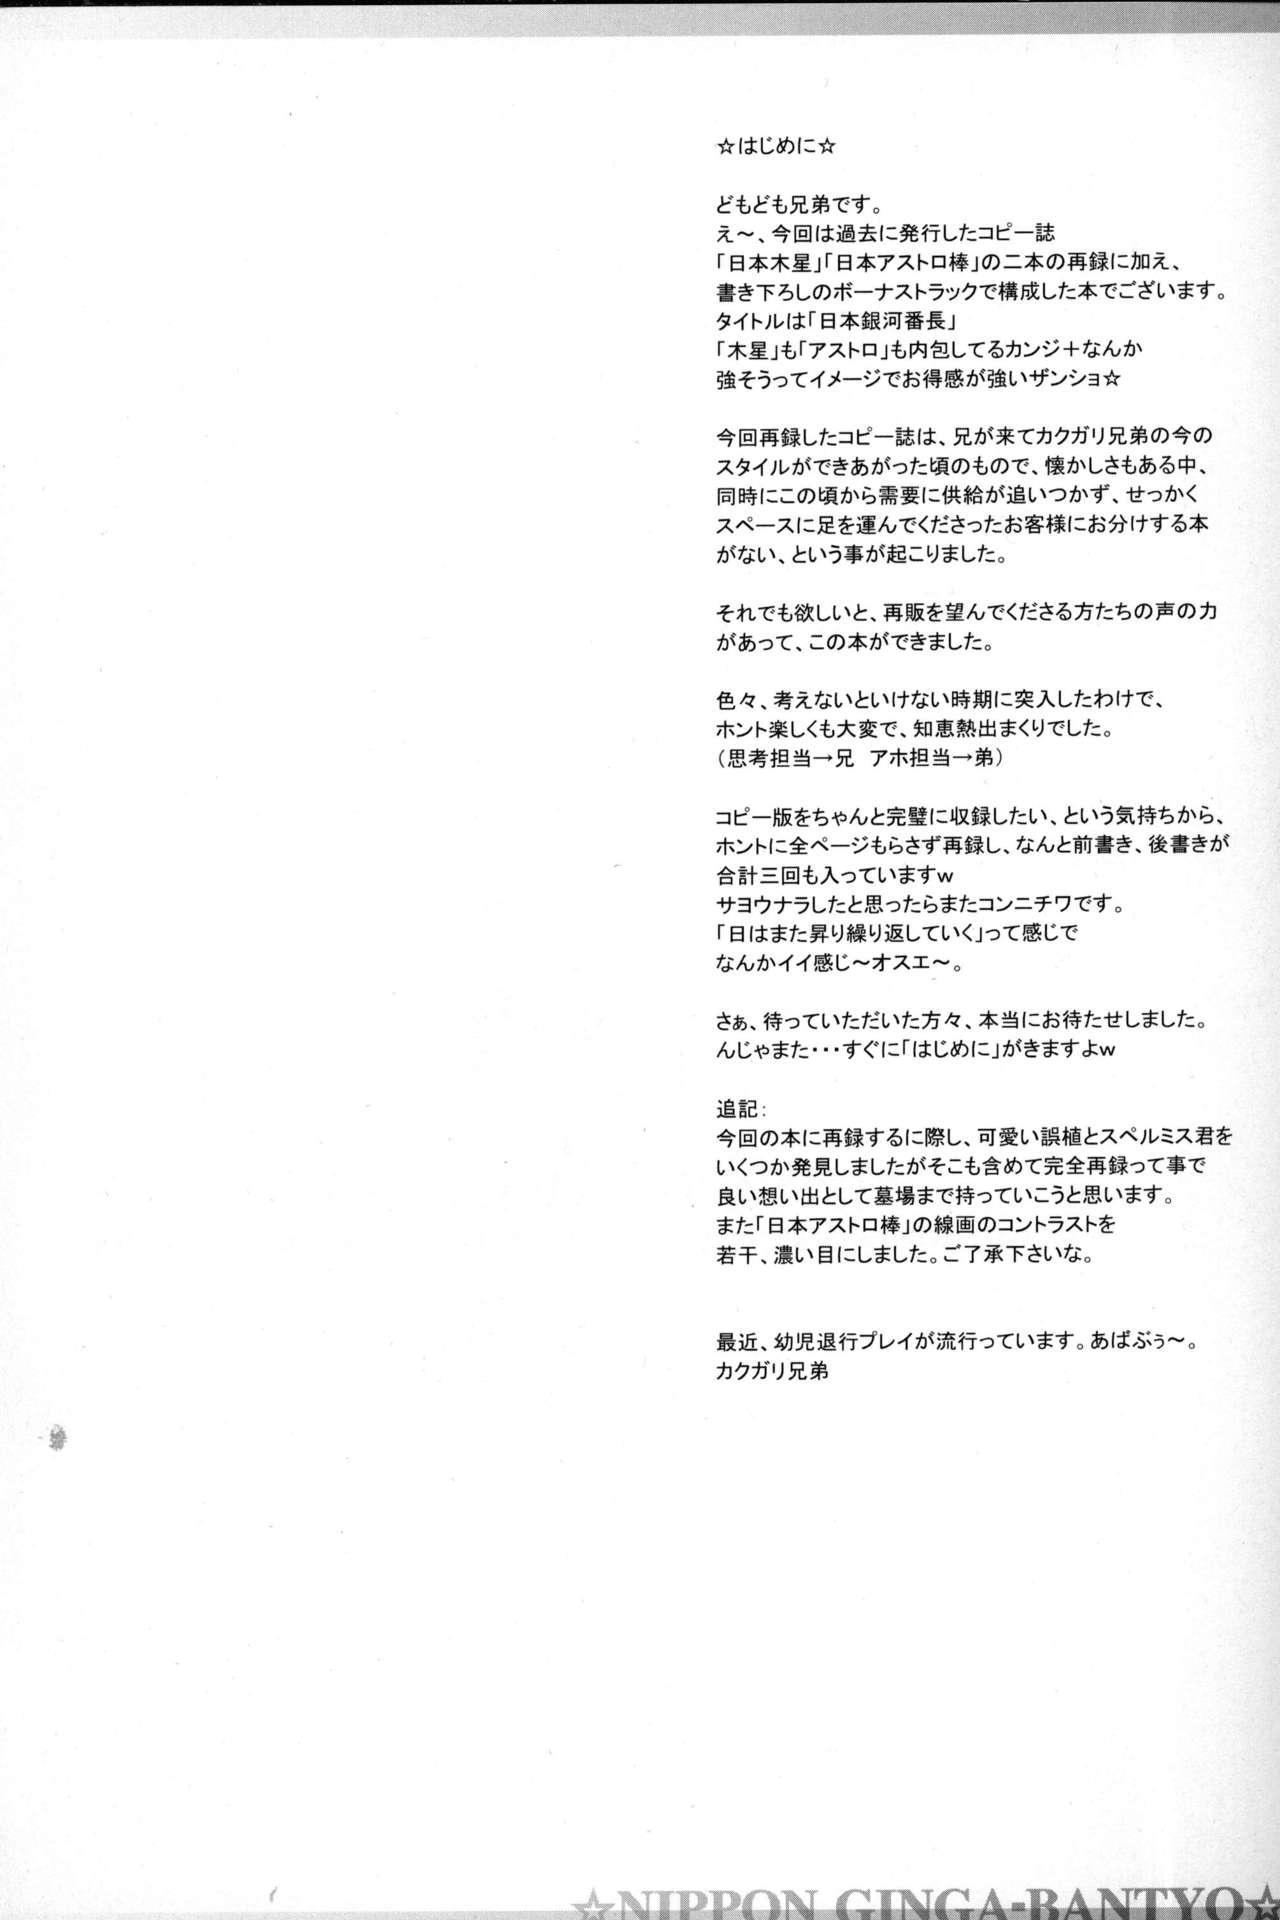 Nippon Ginga-Bantyo 2